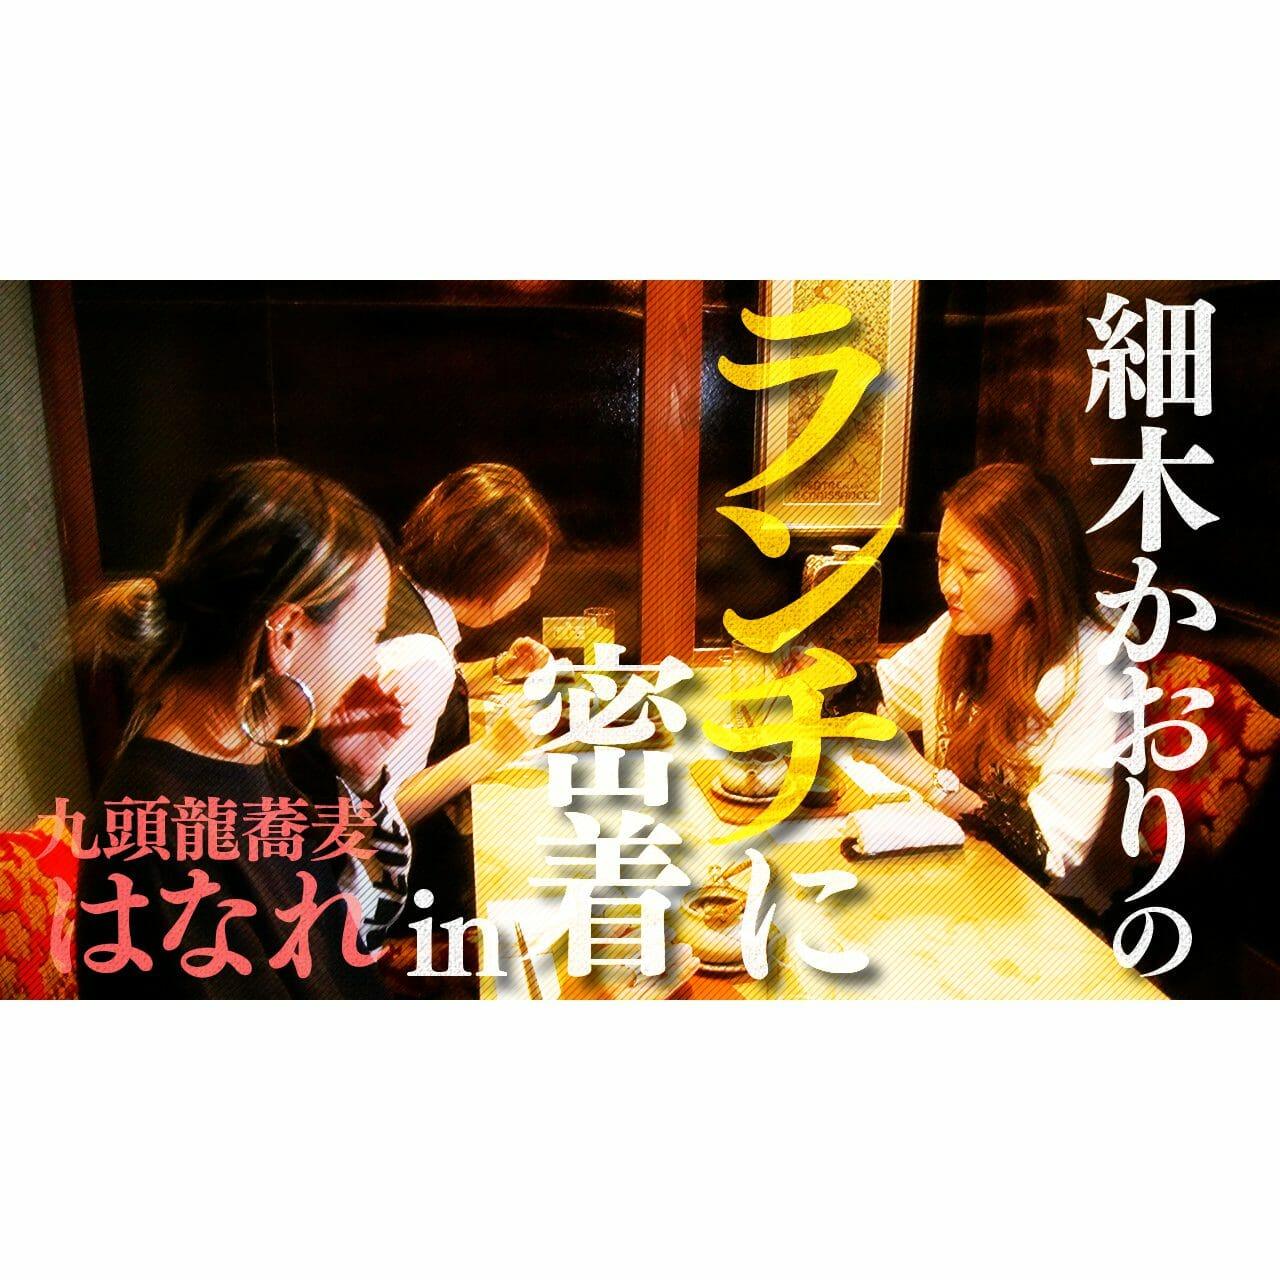 【密着!】女子会ランチ!OFFモードの細木かおり